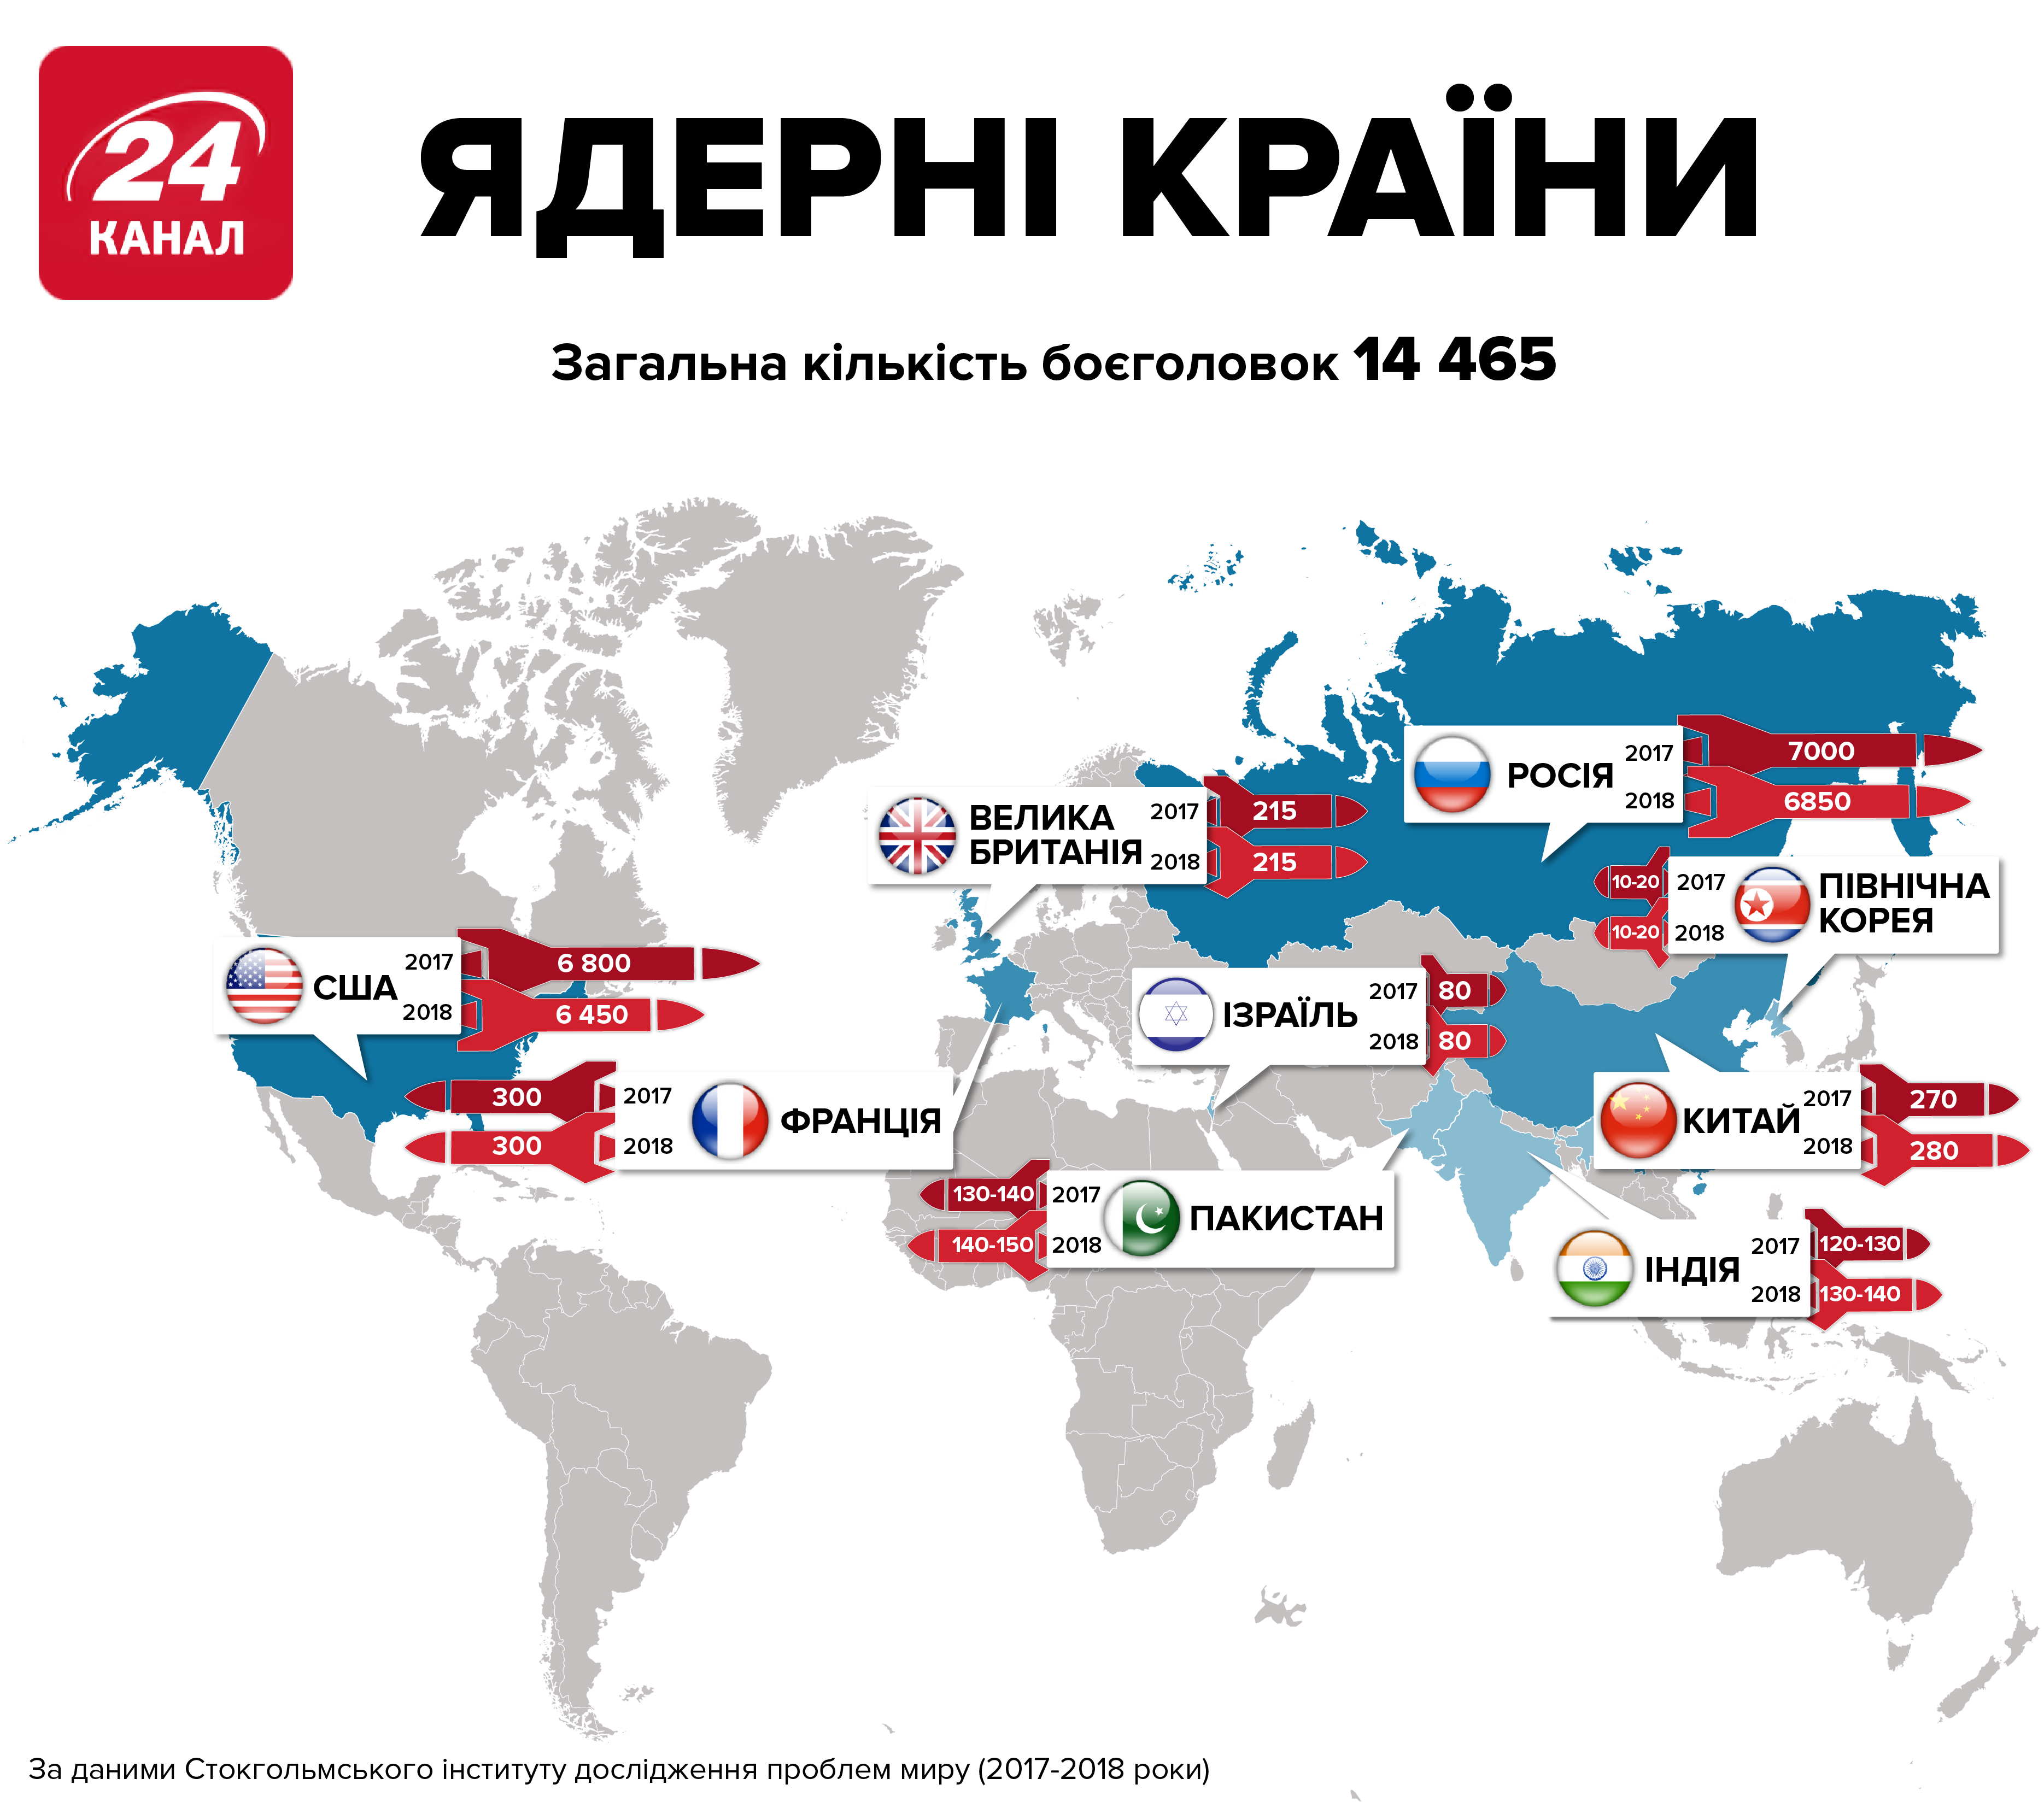 Країни, що мають ядерну зброю